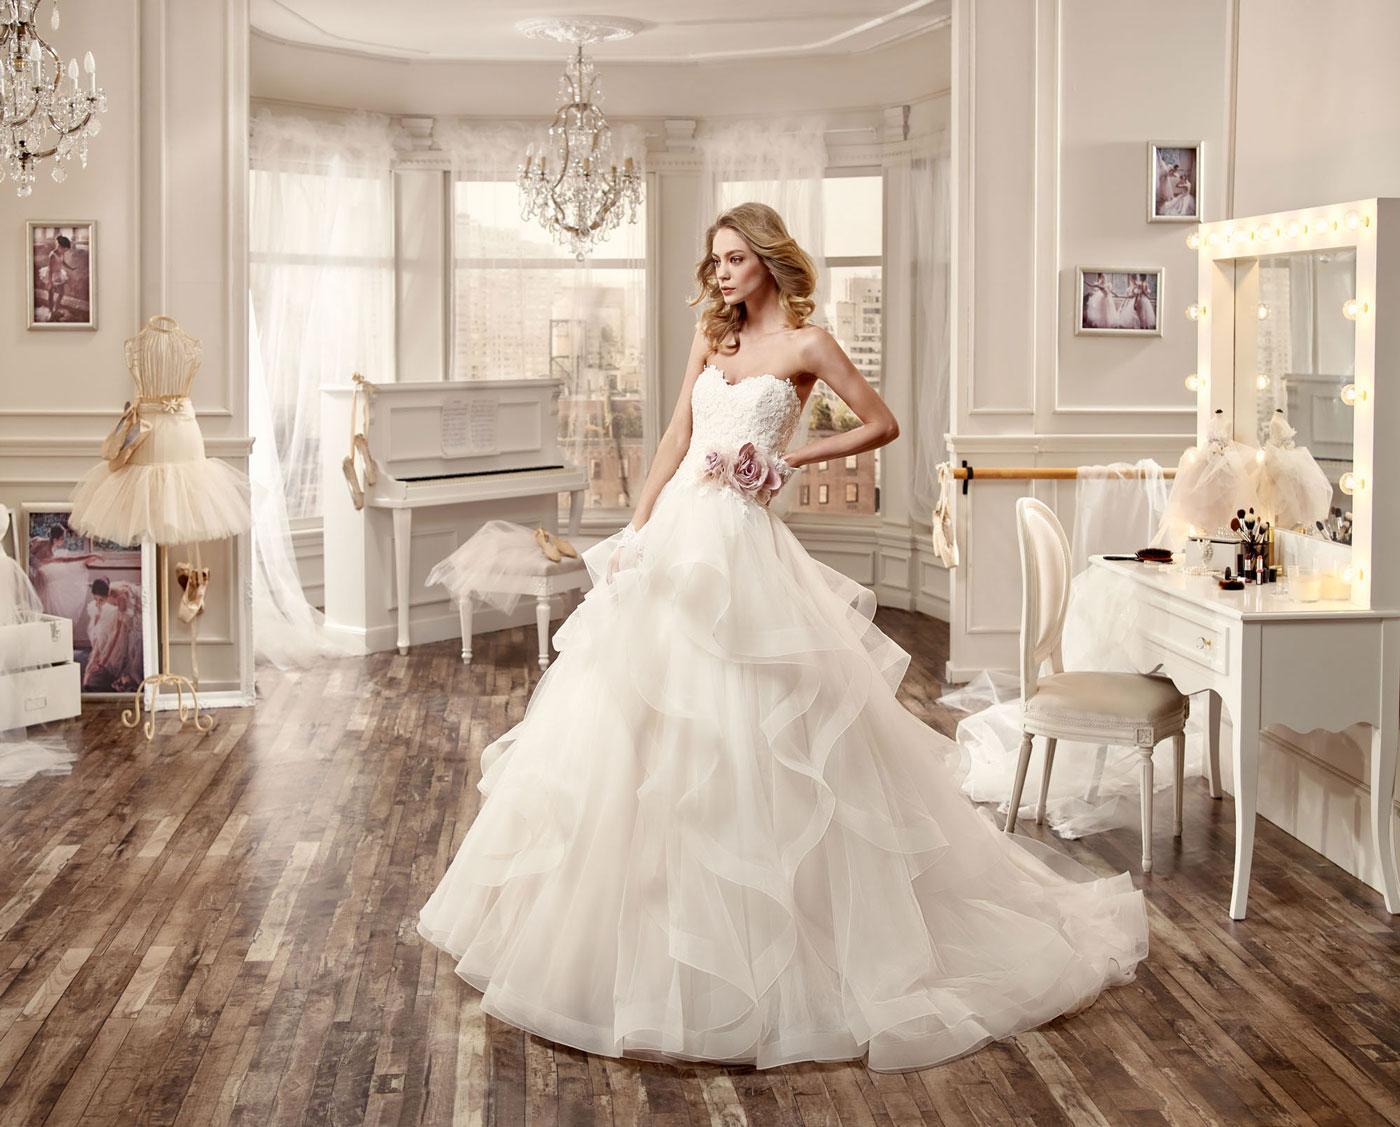 Trova un abito da sposa